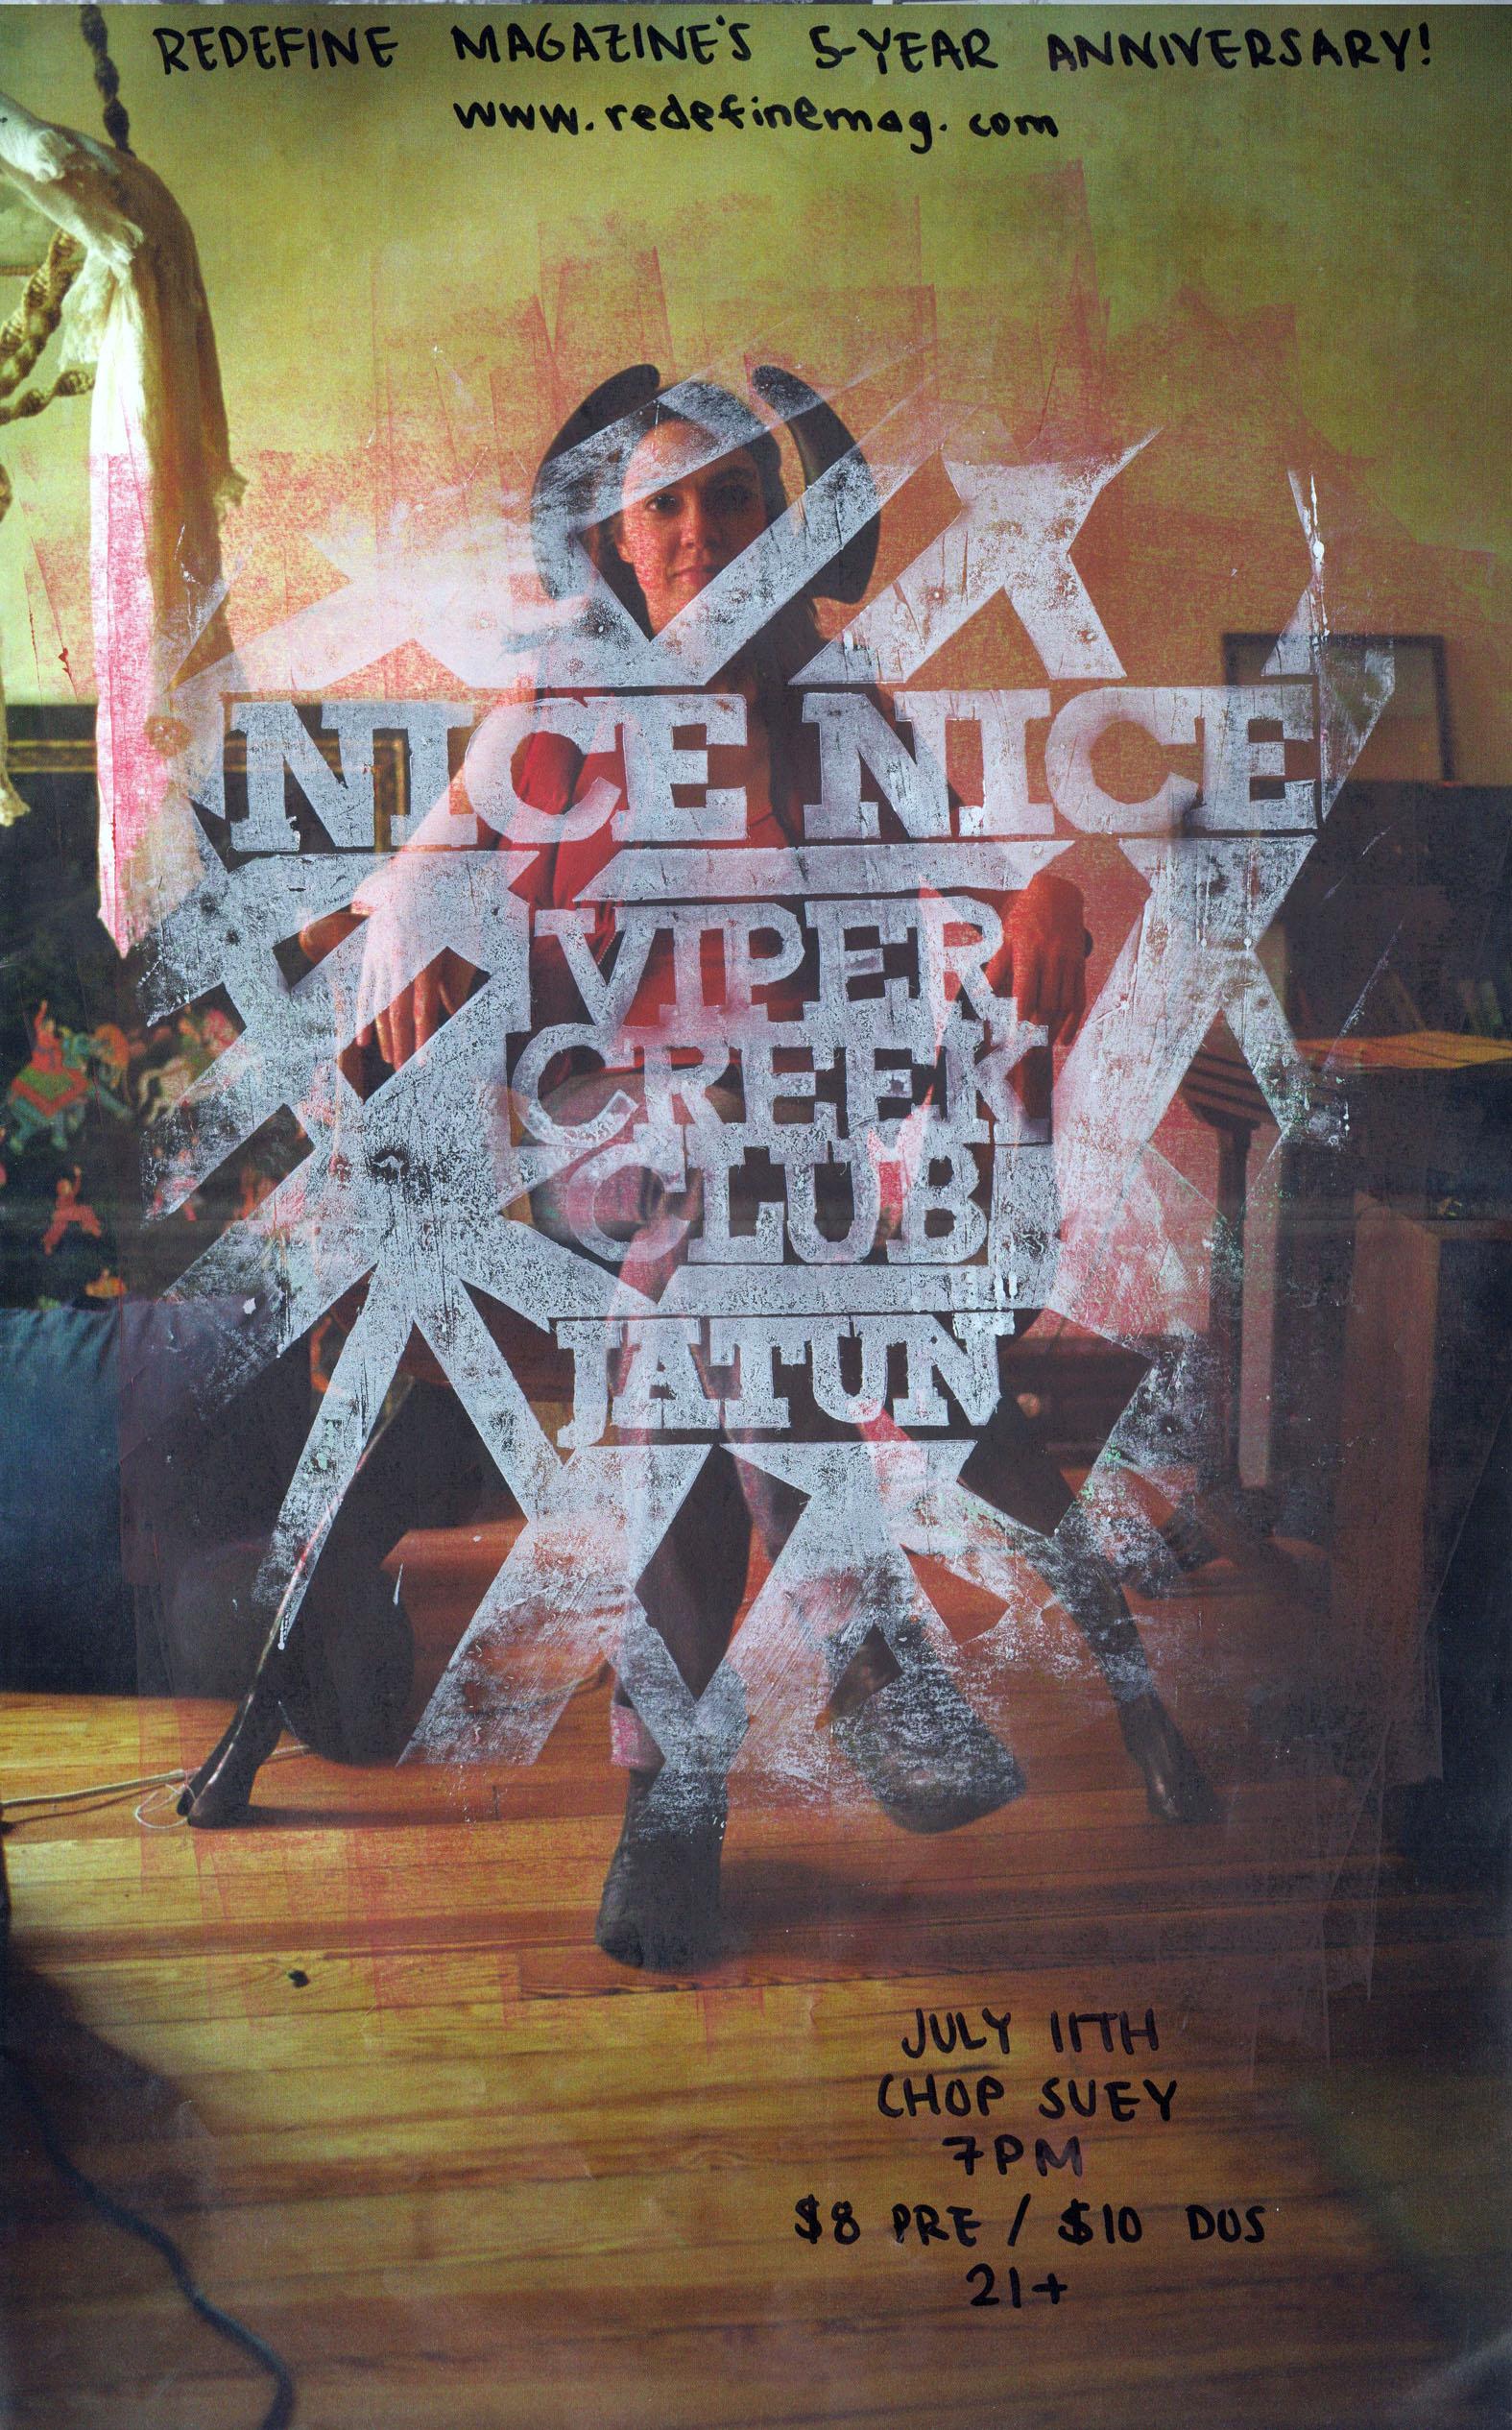 2010_Nice-Nice